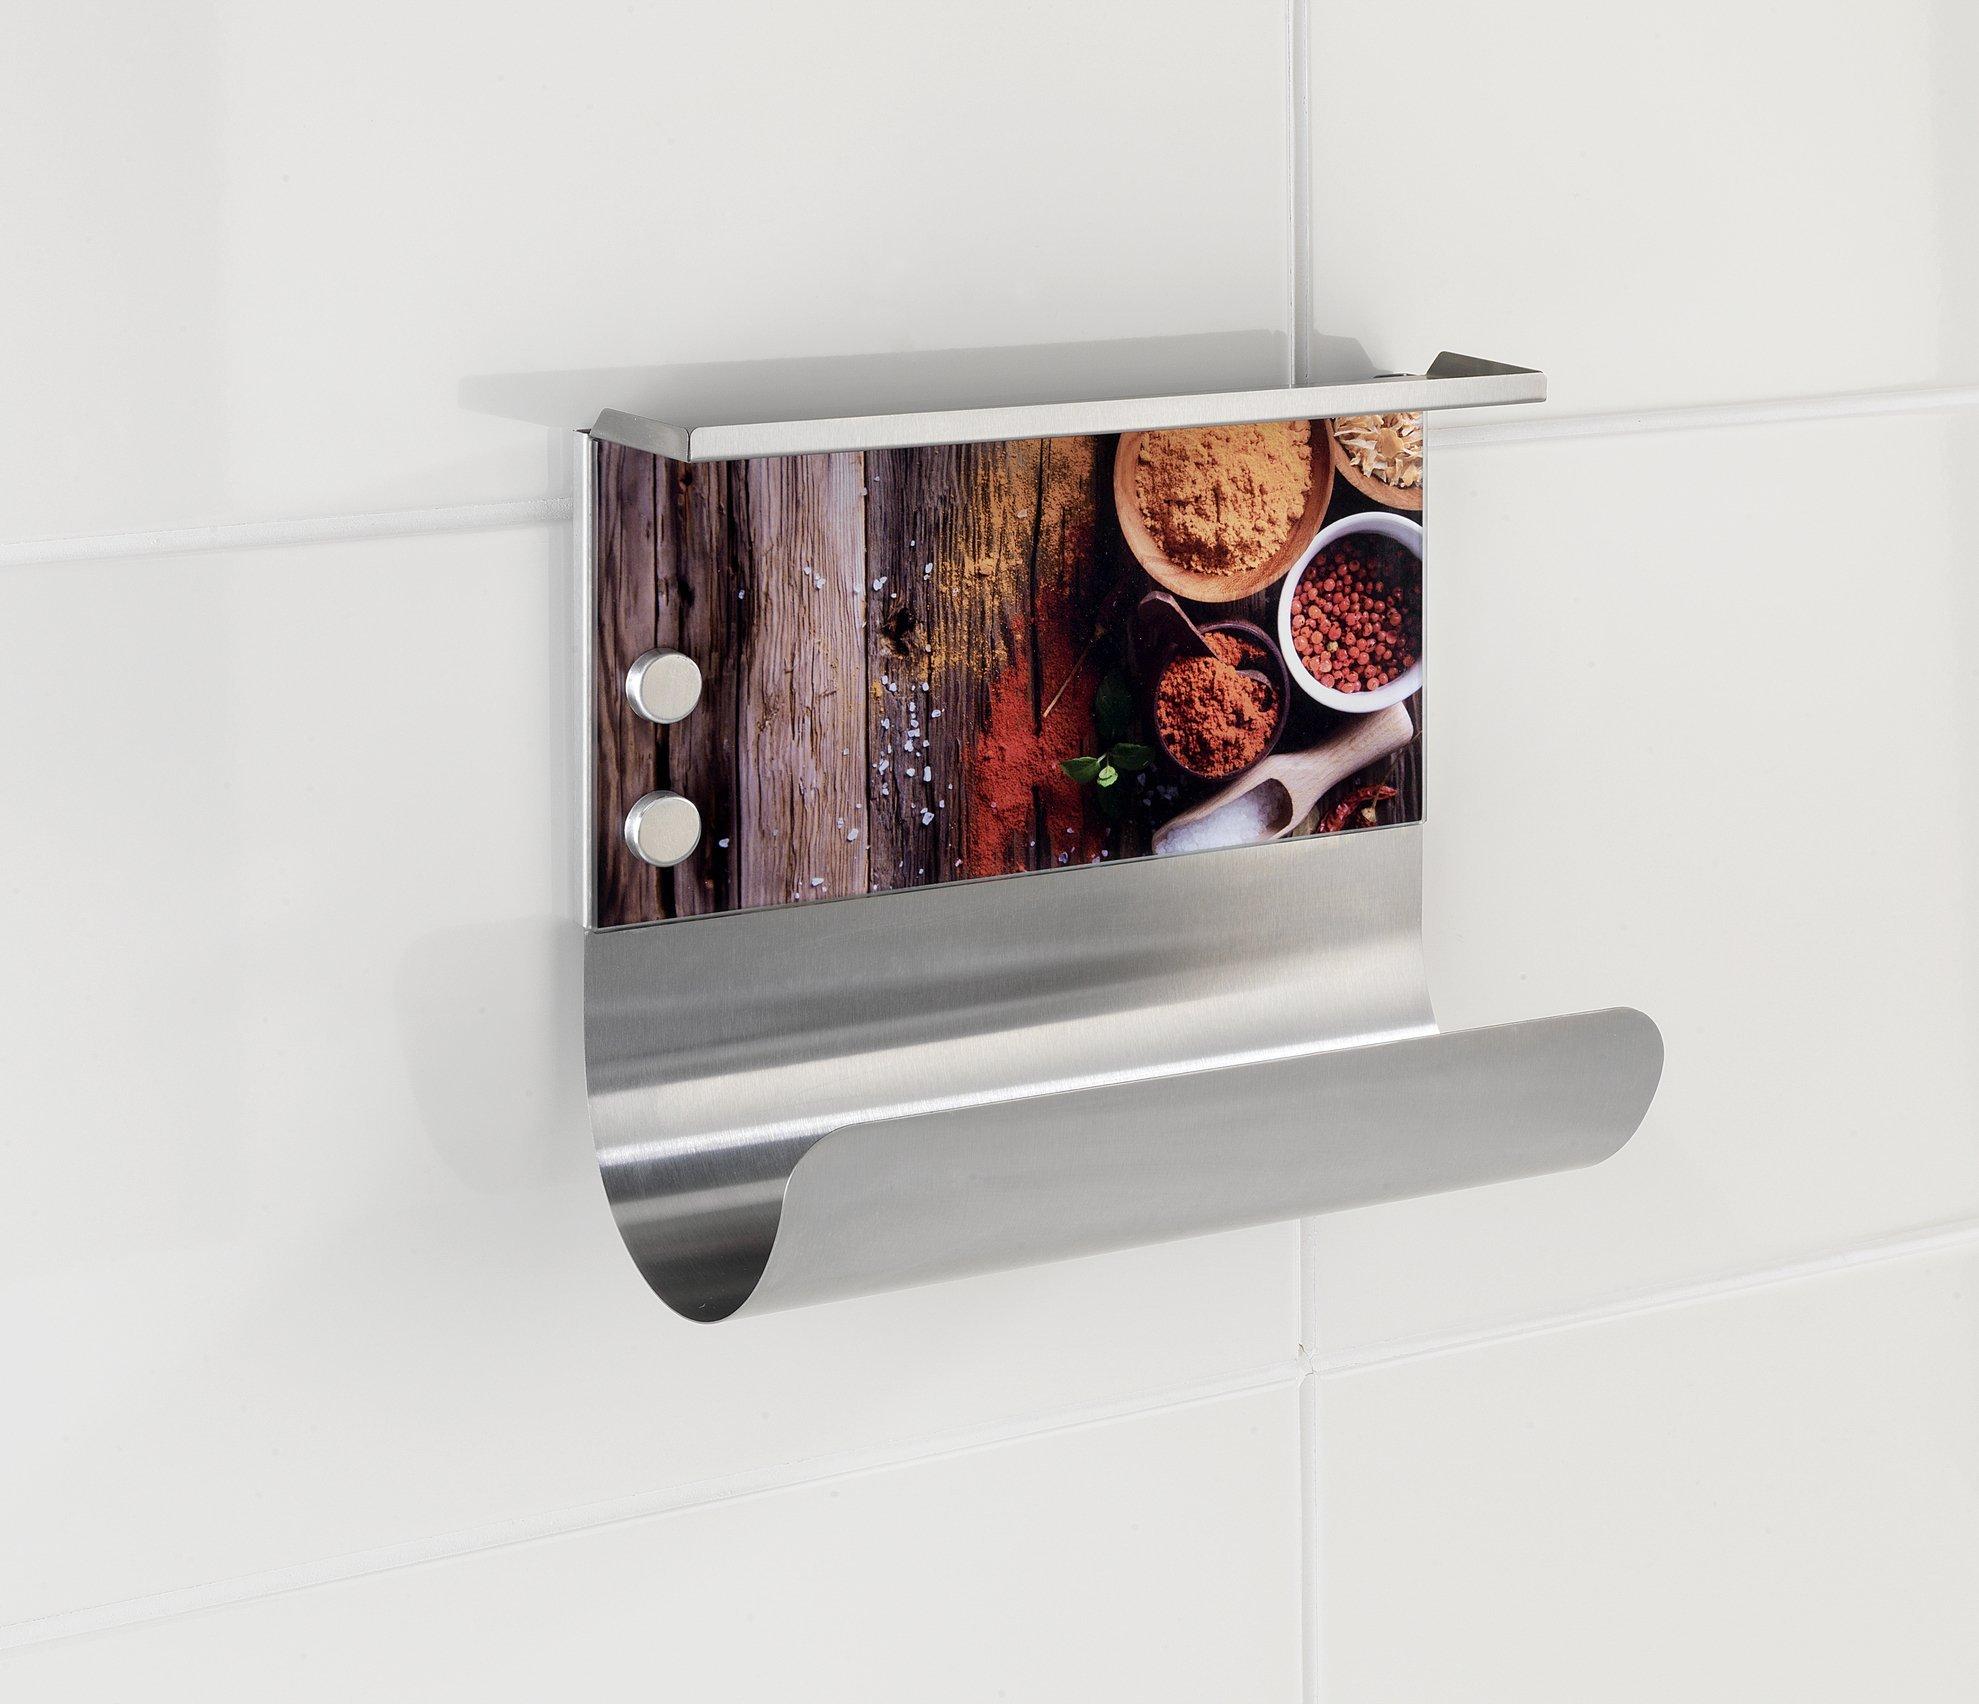 14.5x30x26 cm Wenko Portarrollos Magn/ético Especias Vidrio Endurecido Multicolor